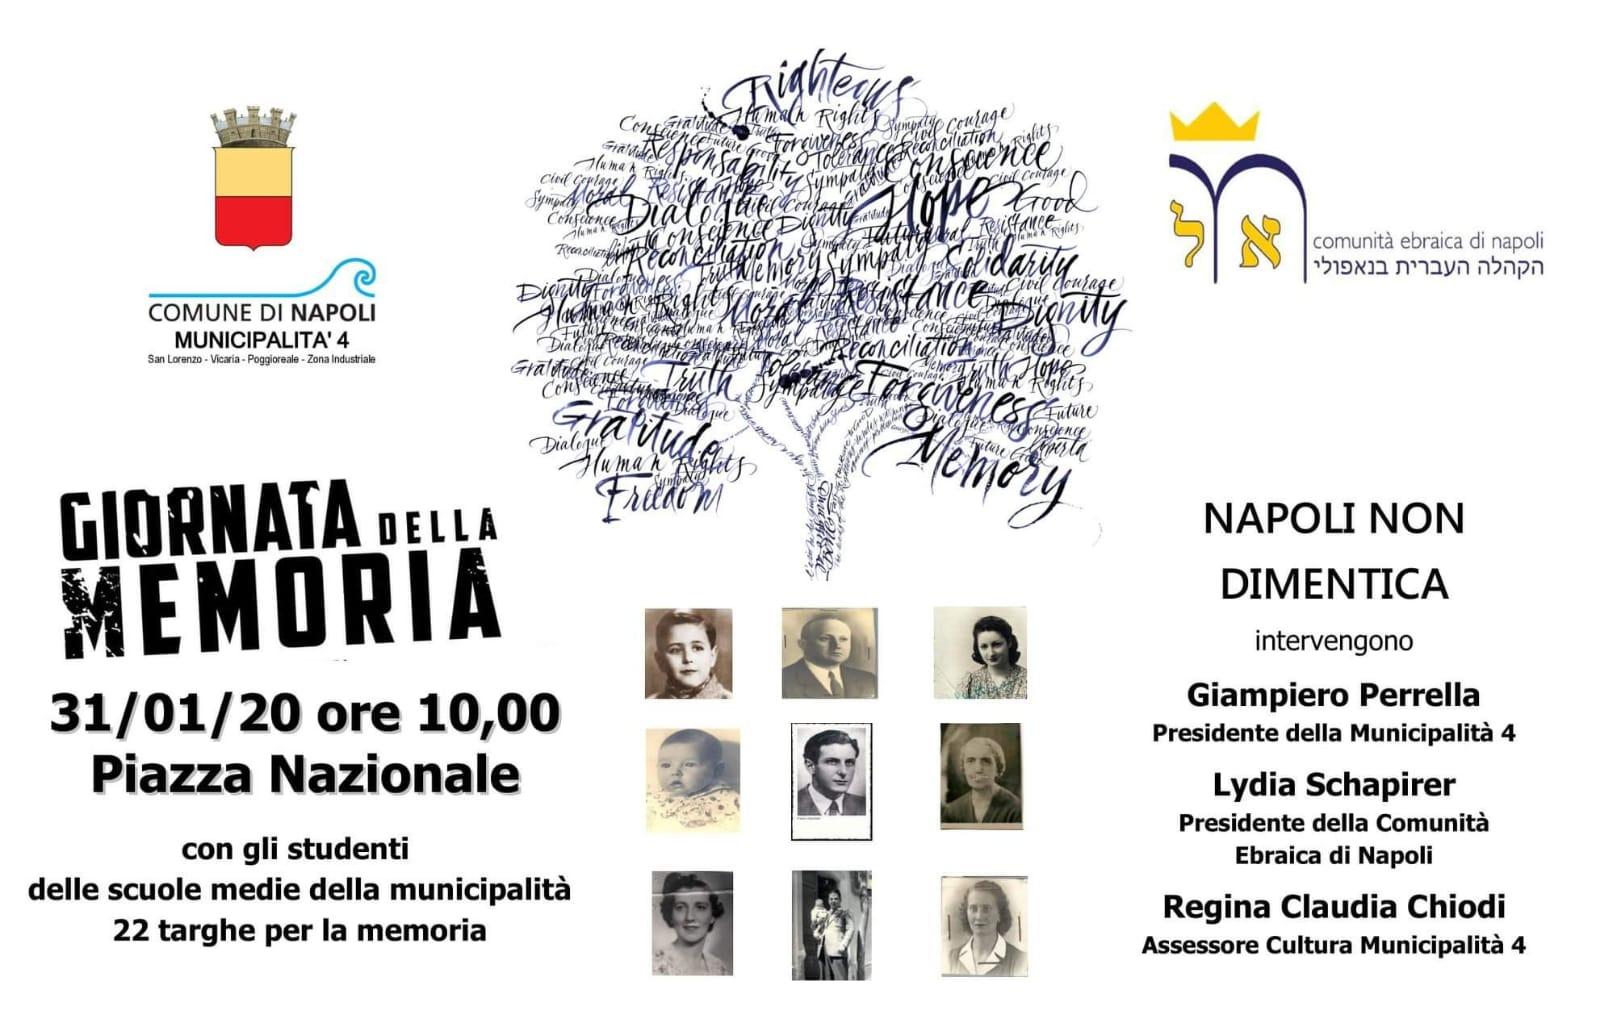 """""""Napoli non dimentica"""", le iniziative della IV Municipalità per il Giorno della Memoria con la Presidente della Comunità Ebraica partenopea Lydia Schapirer"""